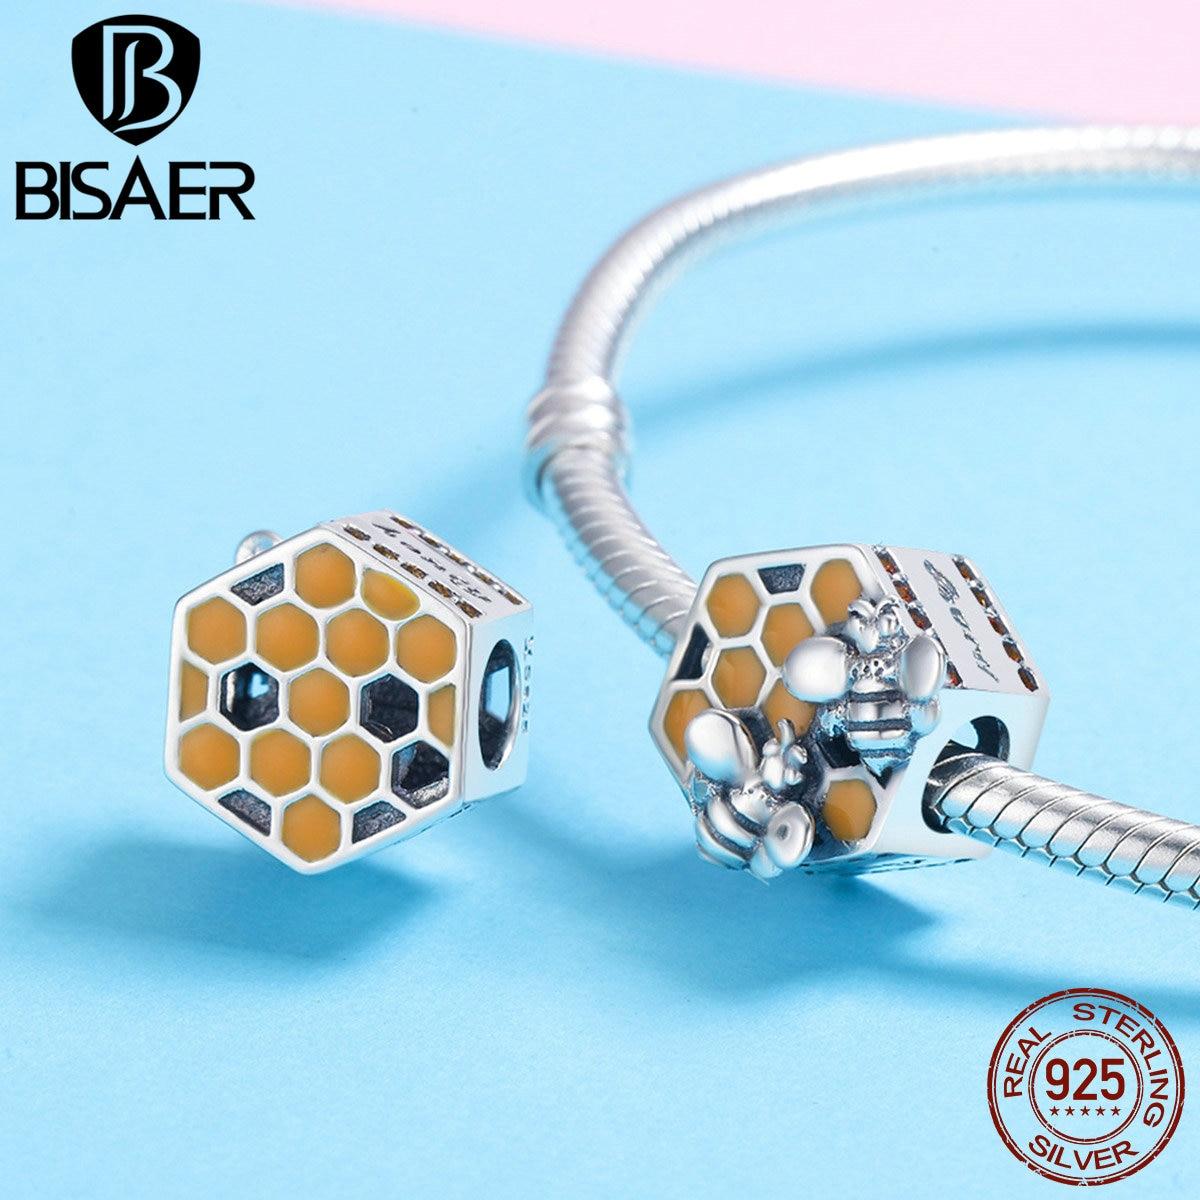 BISAER 100% 925 Sterling Argent Abeille De Nid D'abeille Charme Perles fit Femmes Charm Bracelets BRICOLAGE Argent Perles Fabrication de Bijoux GXC500